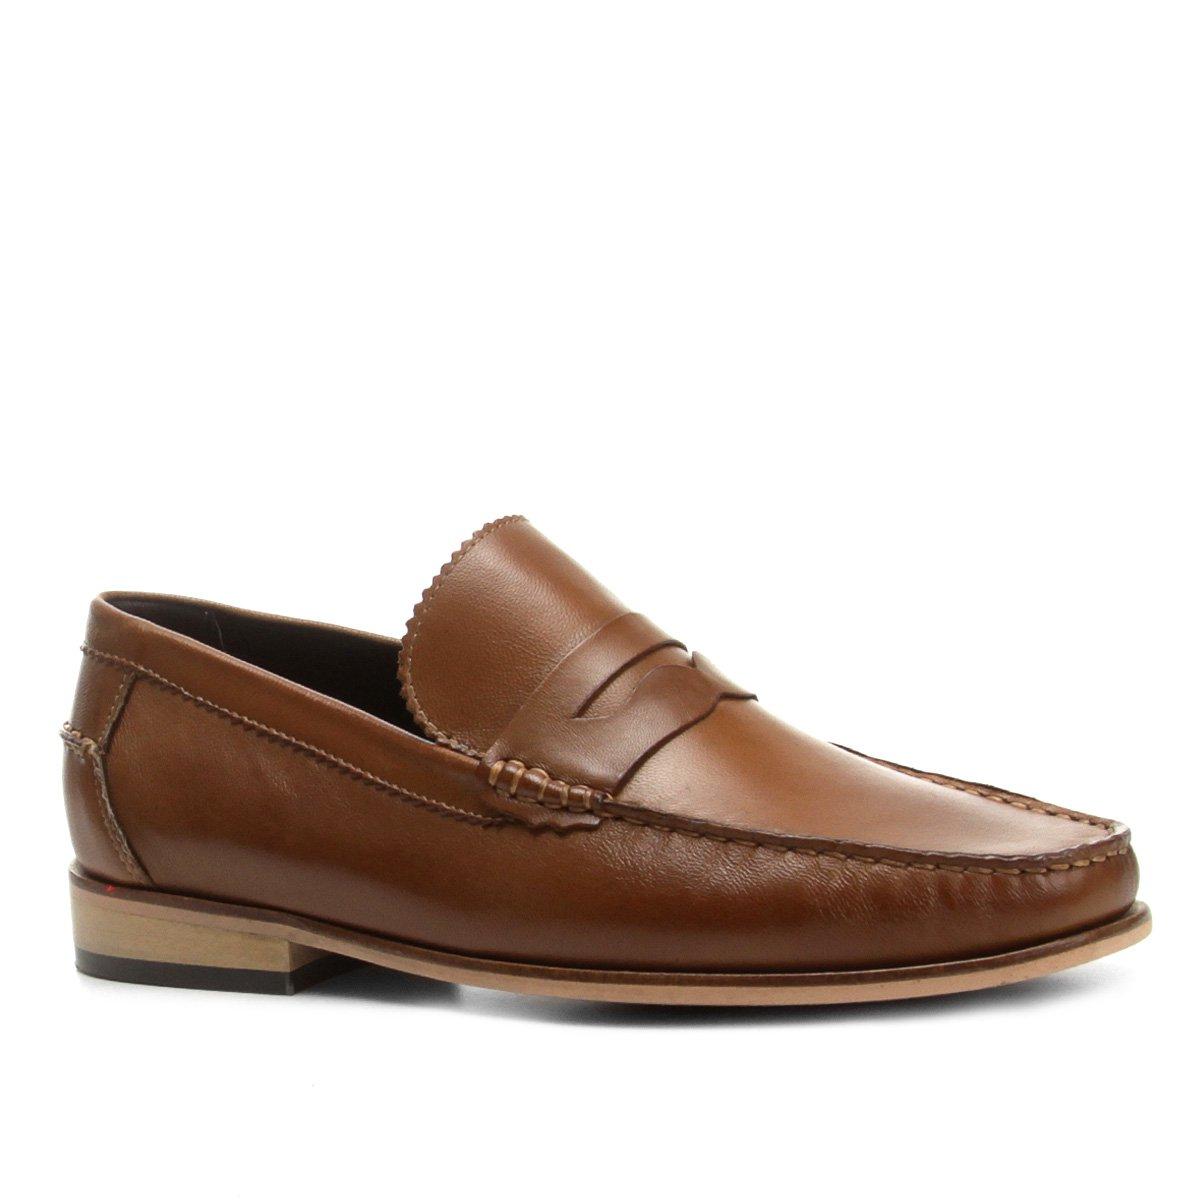 aee3bad35b Mocassim Couro Shoestock Liso Gravata Masculino - Compre Agora ...